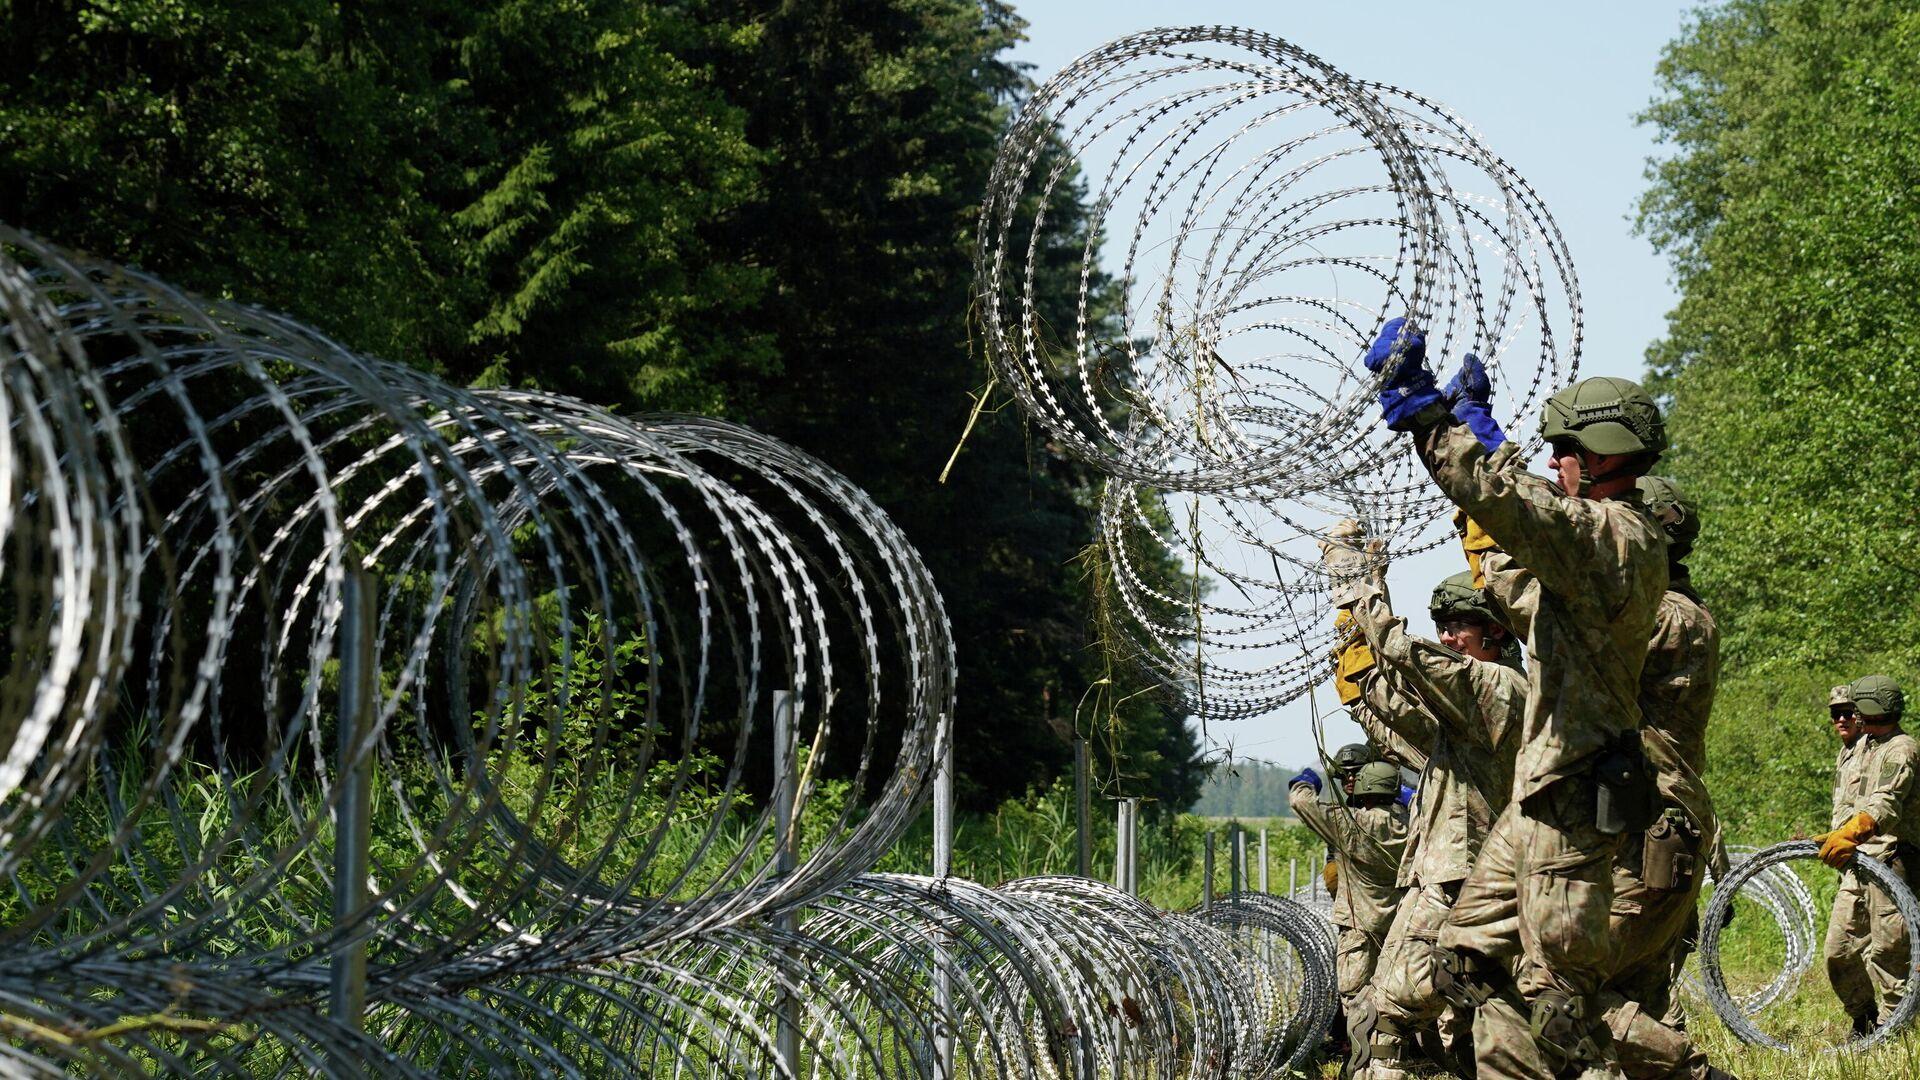 Militares de Letonia instalan alambre de púa en la forntera con Bielorrusia para prevenir el flujo de migrantes - Sputnik Mundo, 1920, 10.08.2021